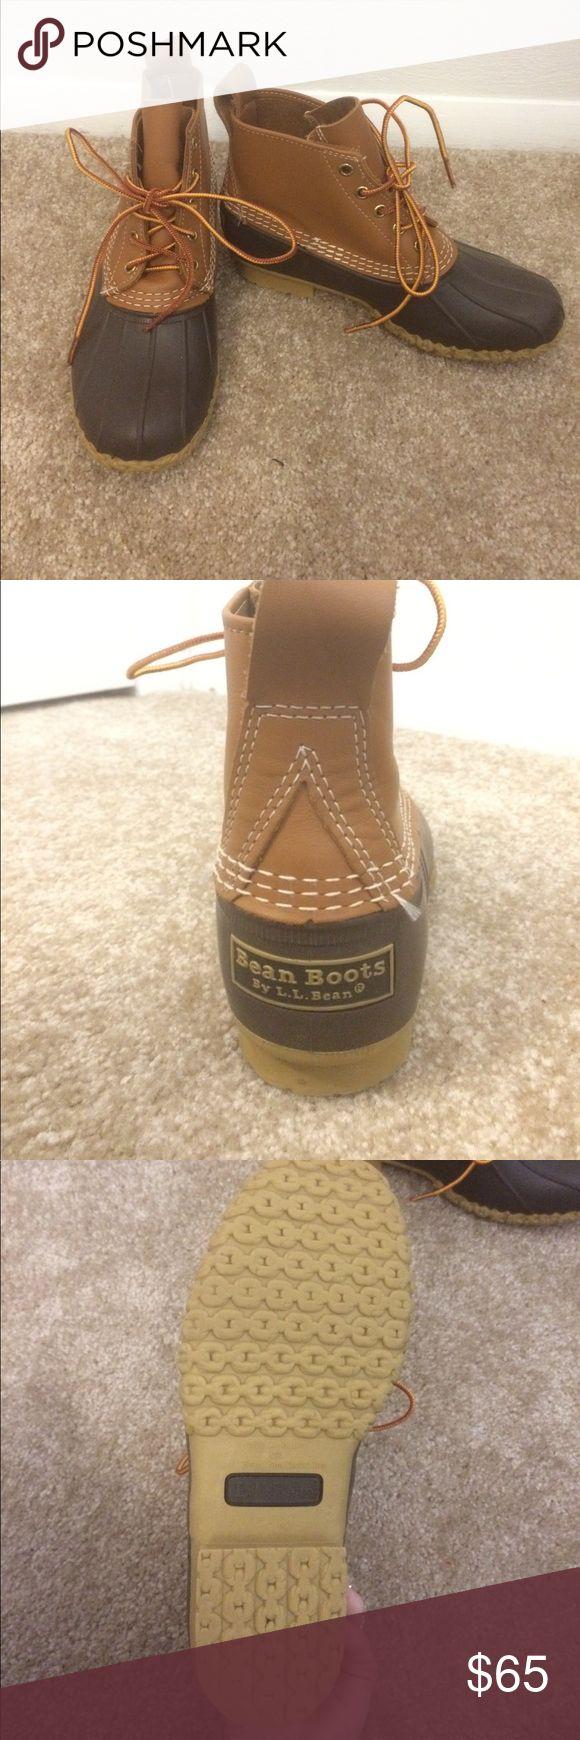 LL bean boots LL Bean duck boots. like new! LL Bean Shoes Winter & Rain Boots